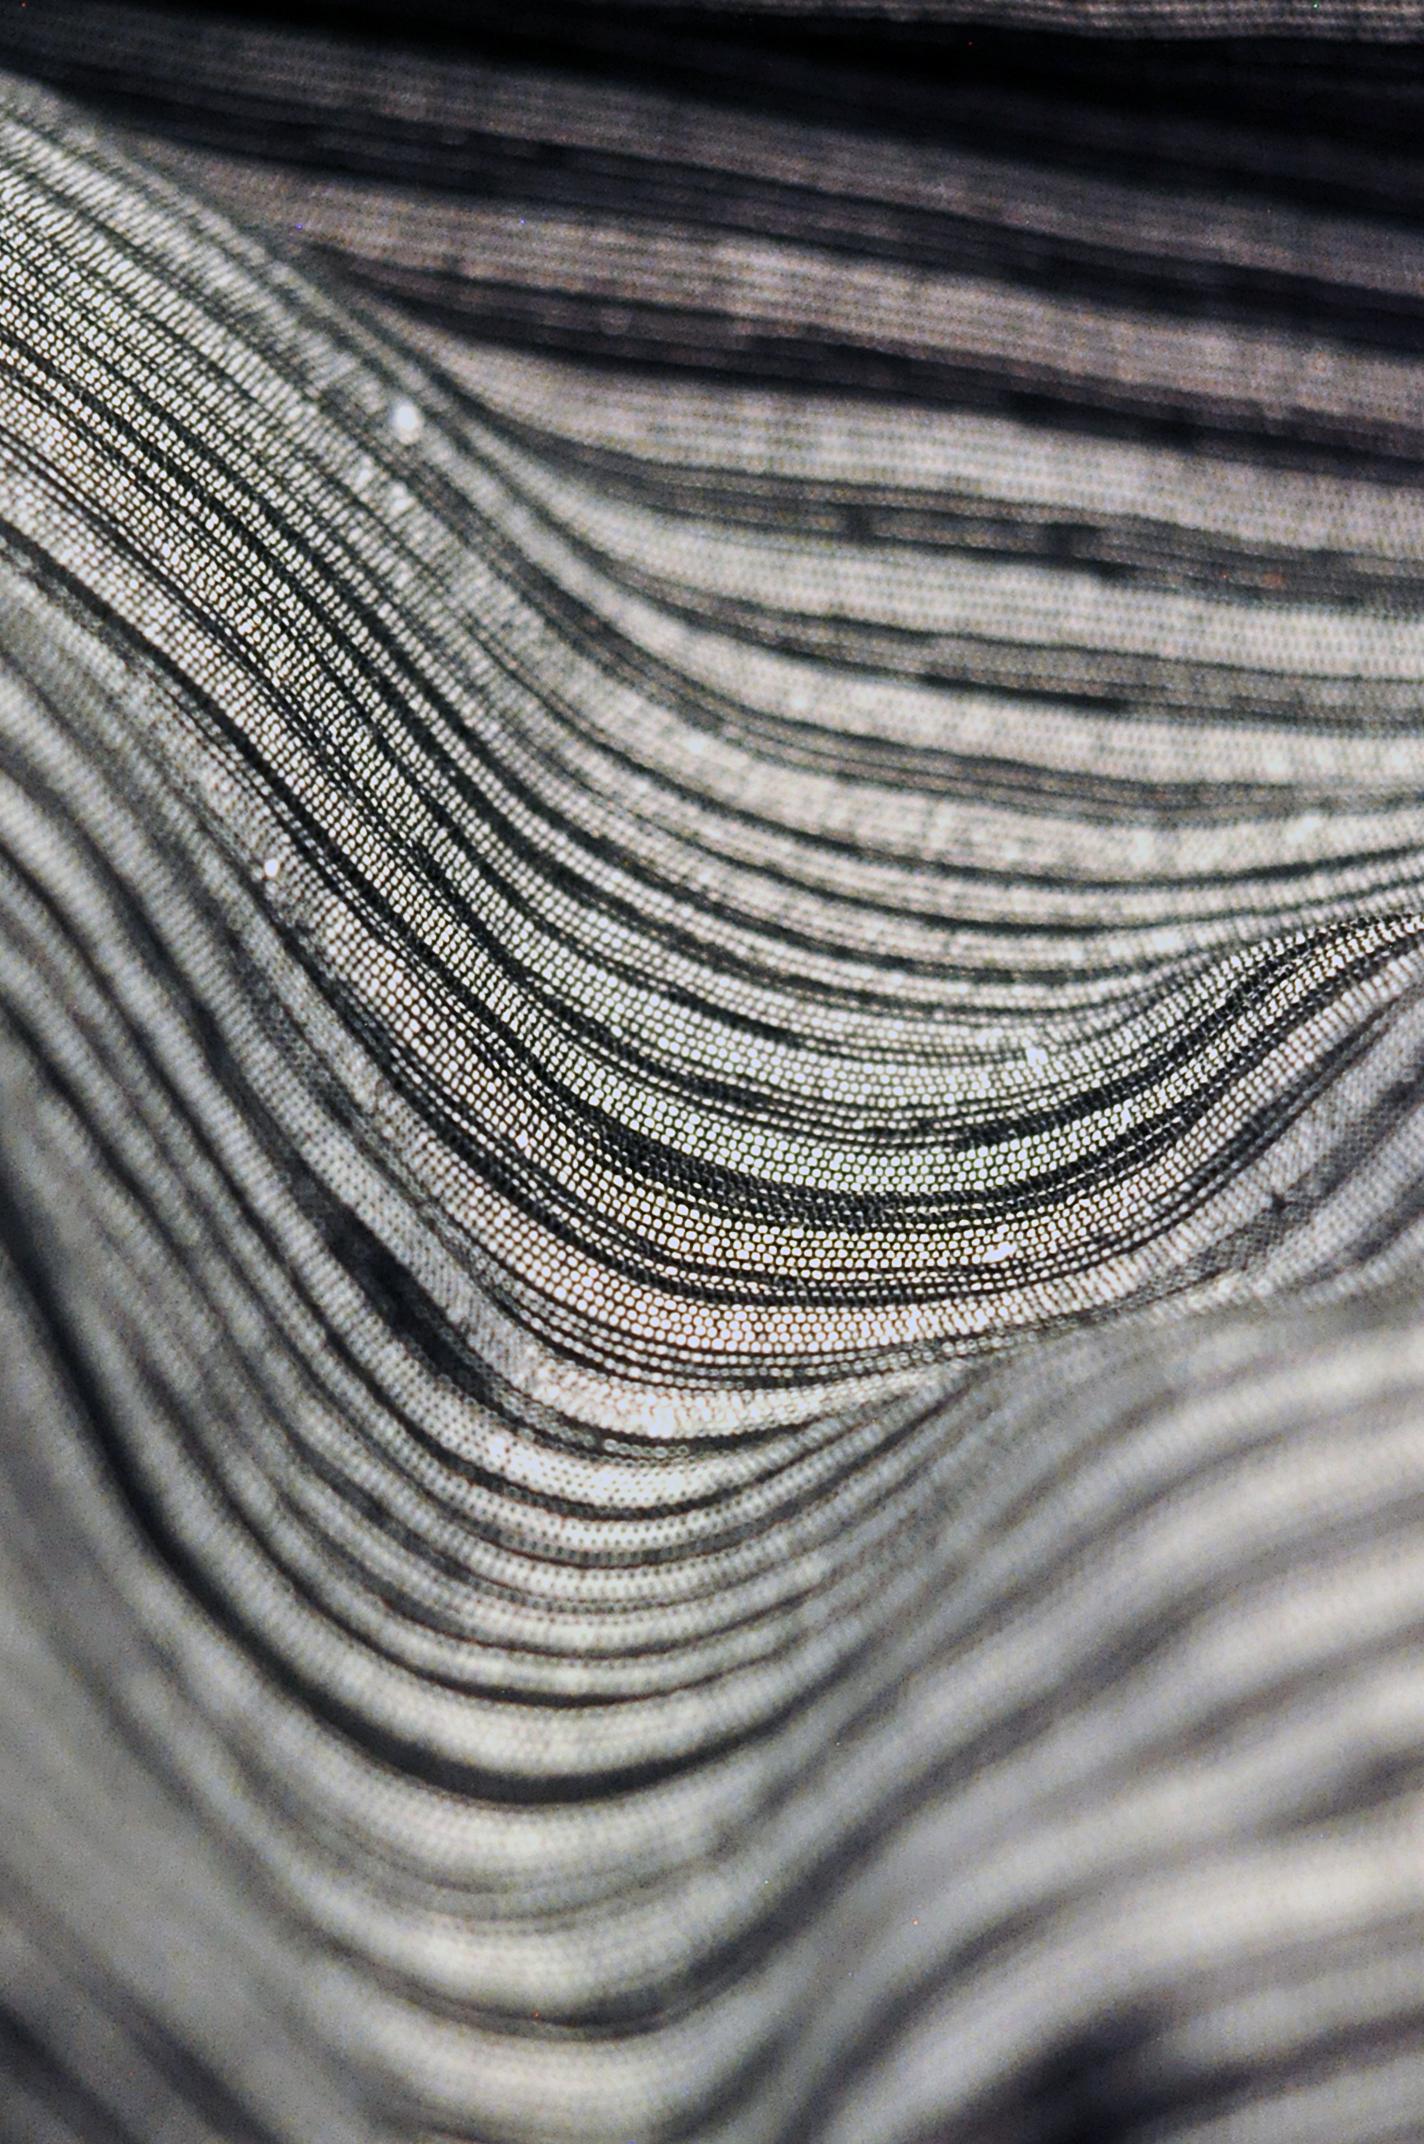 Fabric%201